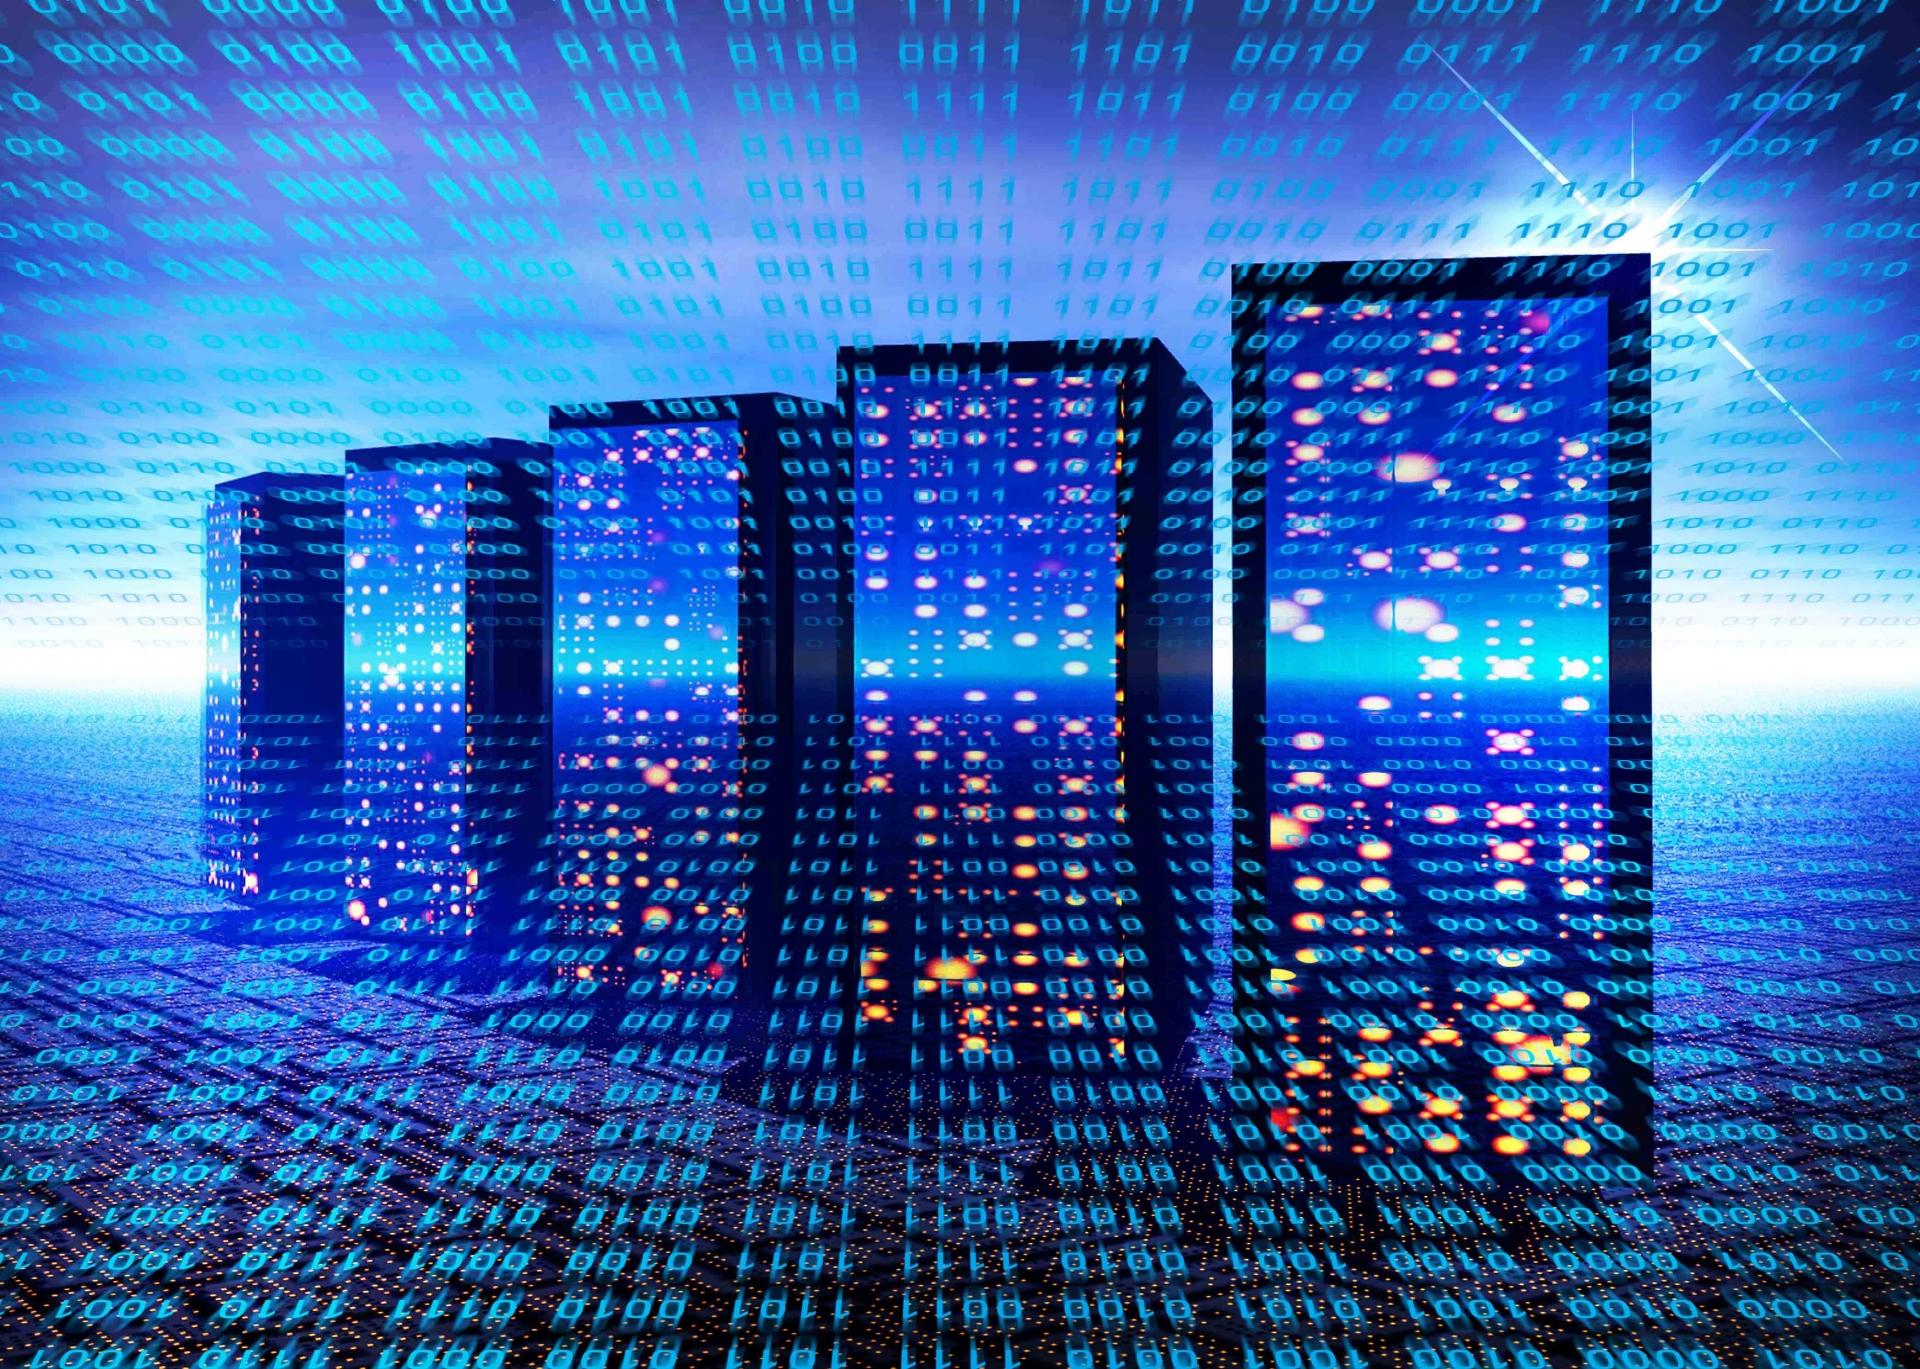 ブロックチェーン(全取引履歴データベース)について